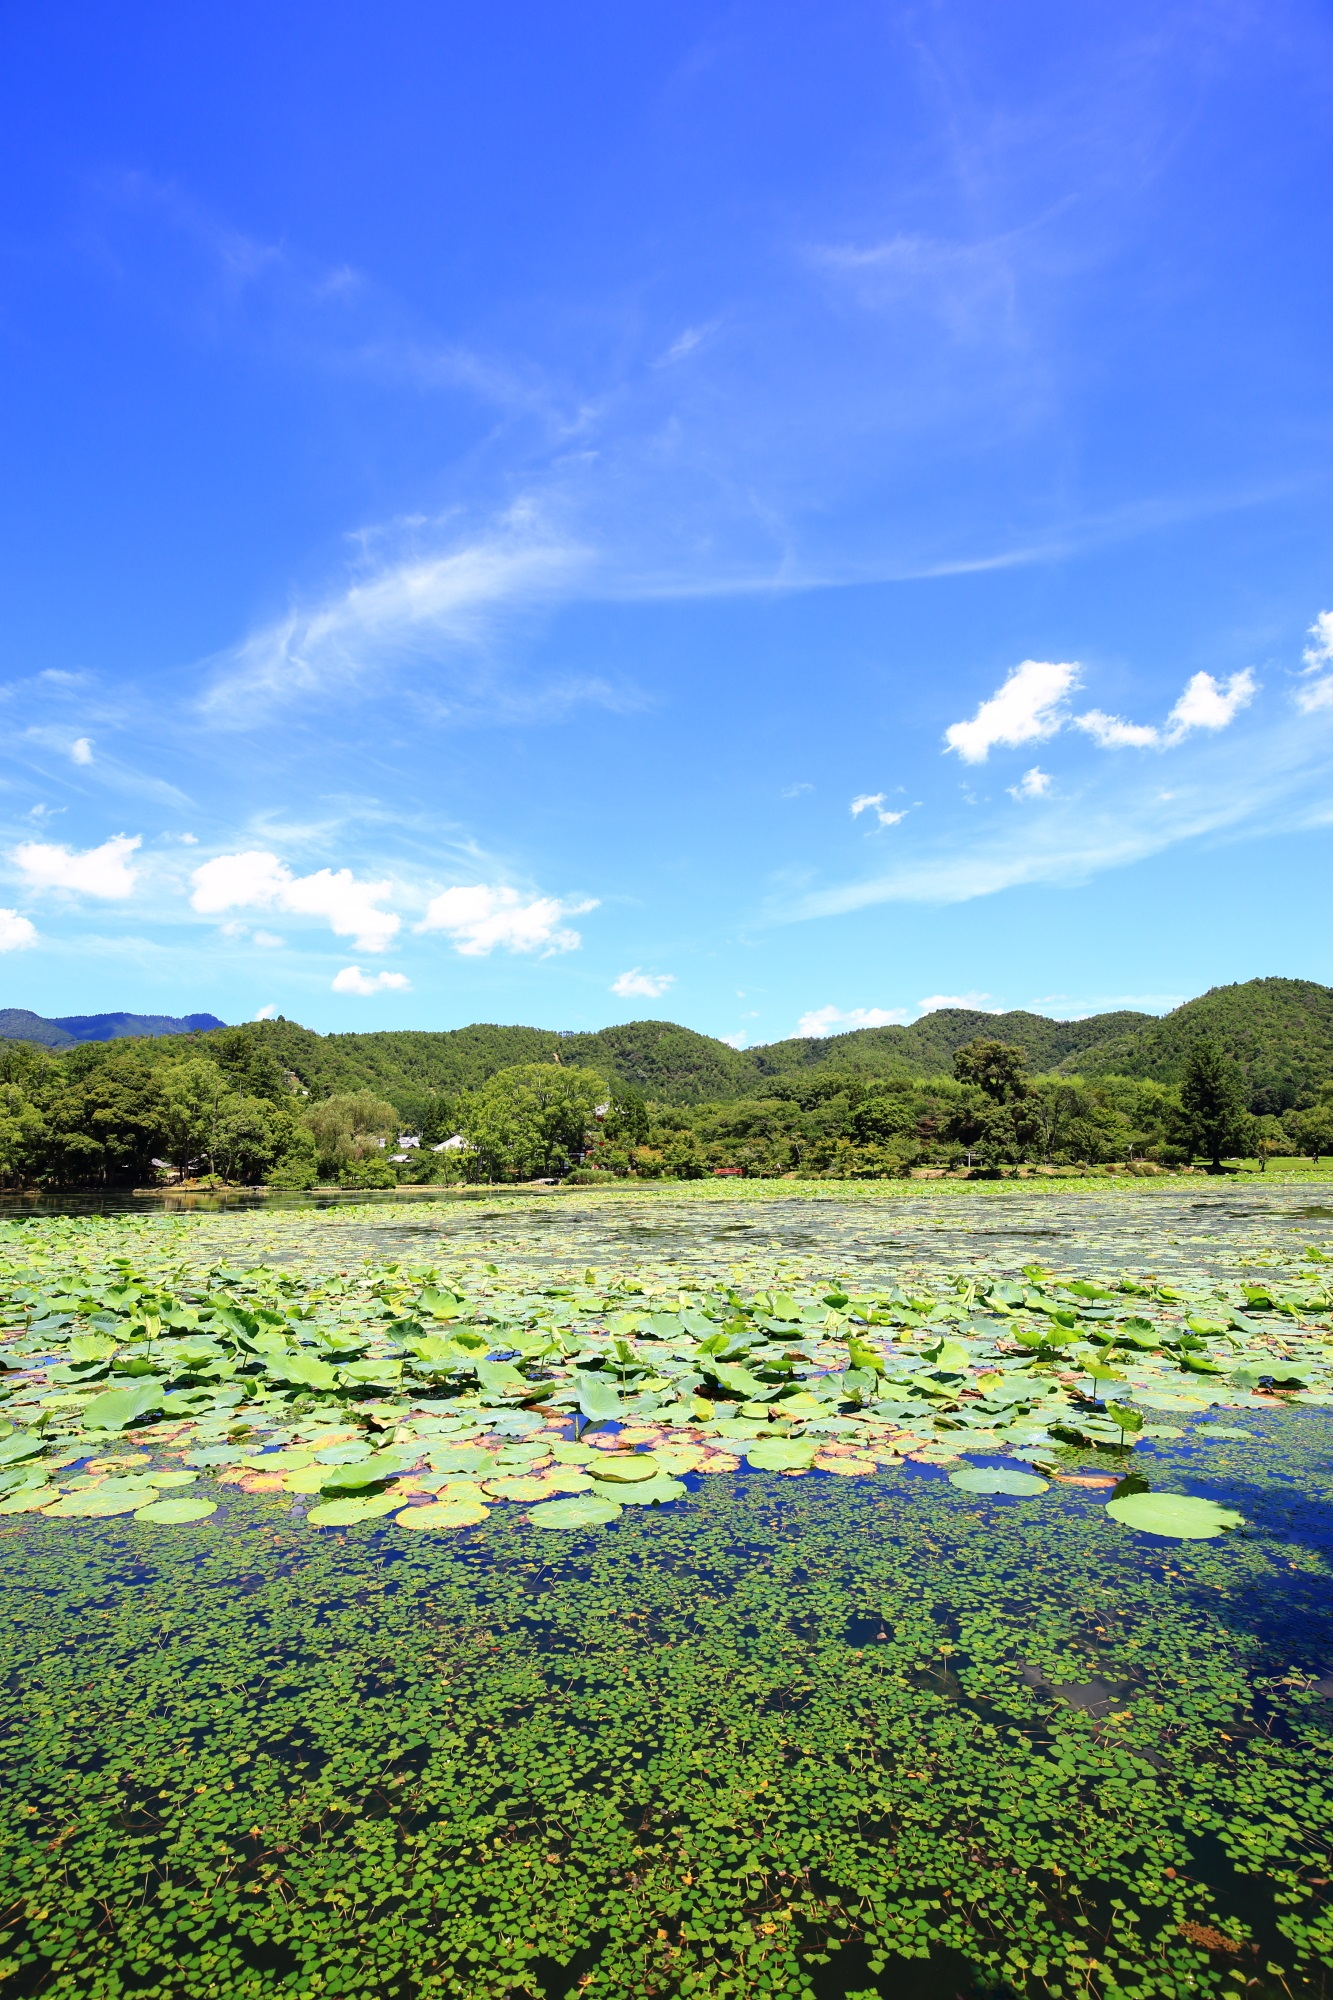 爽やかな青空と雲の下に広がる緑に覆われた大沢池